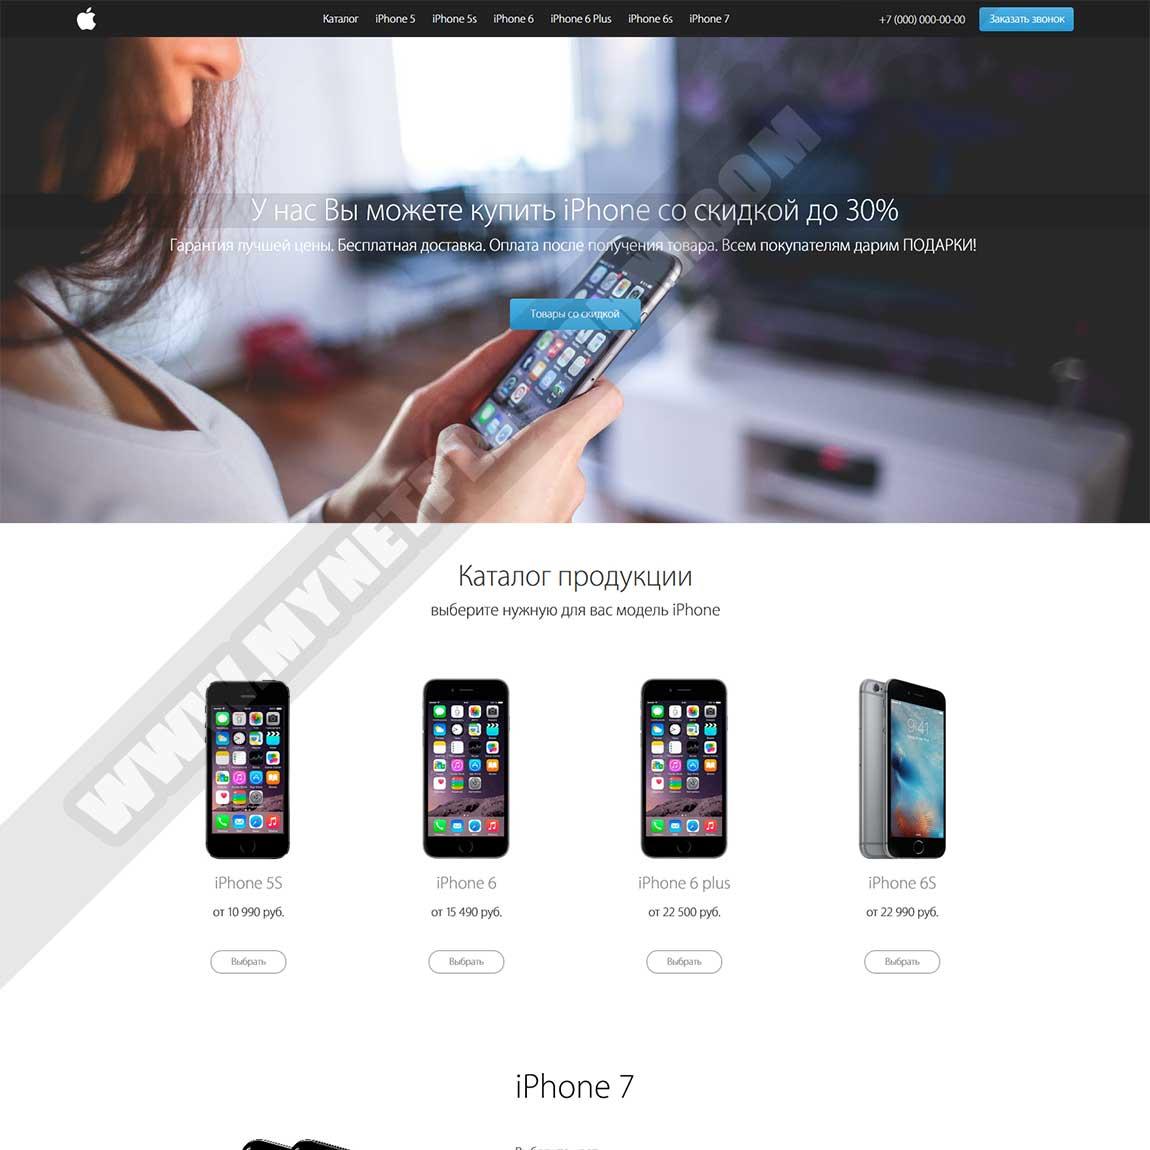 Миниатюра Готового лендинга Iphone 5-6-7 004